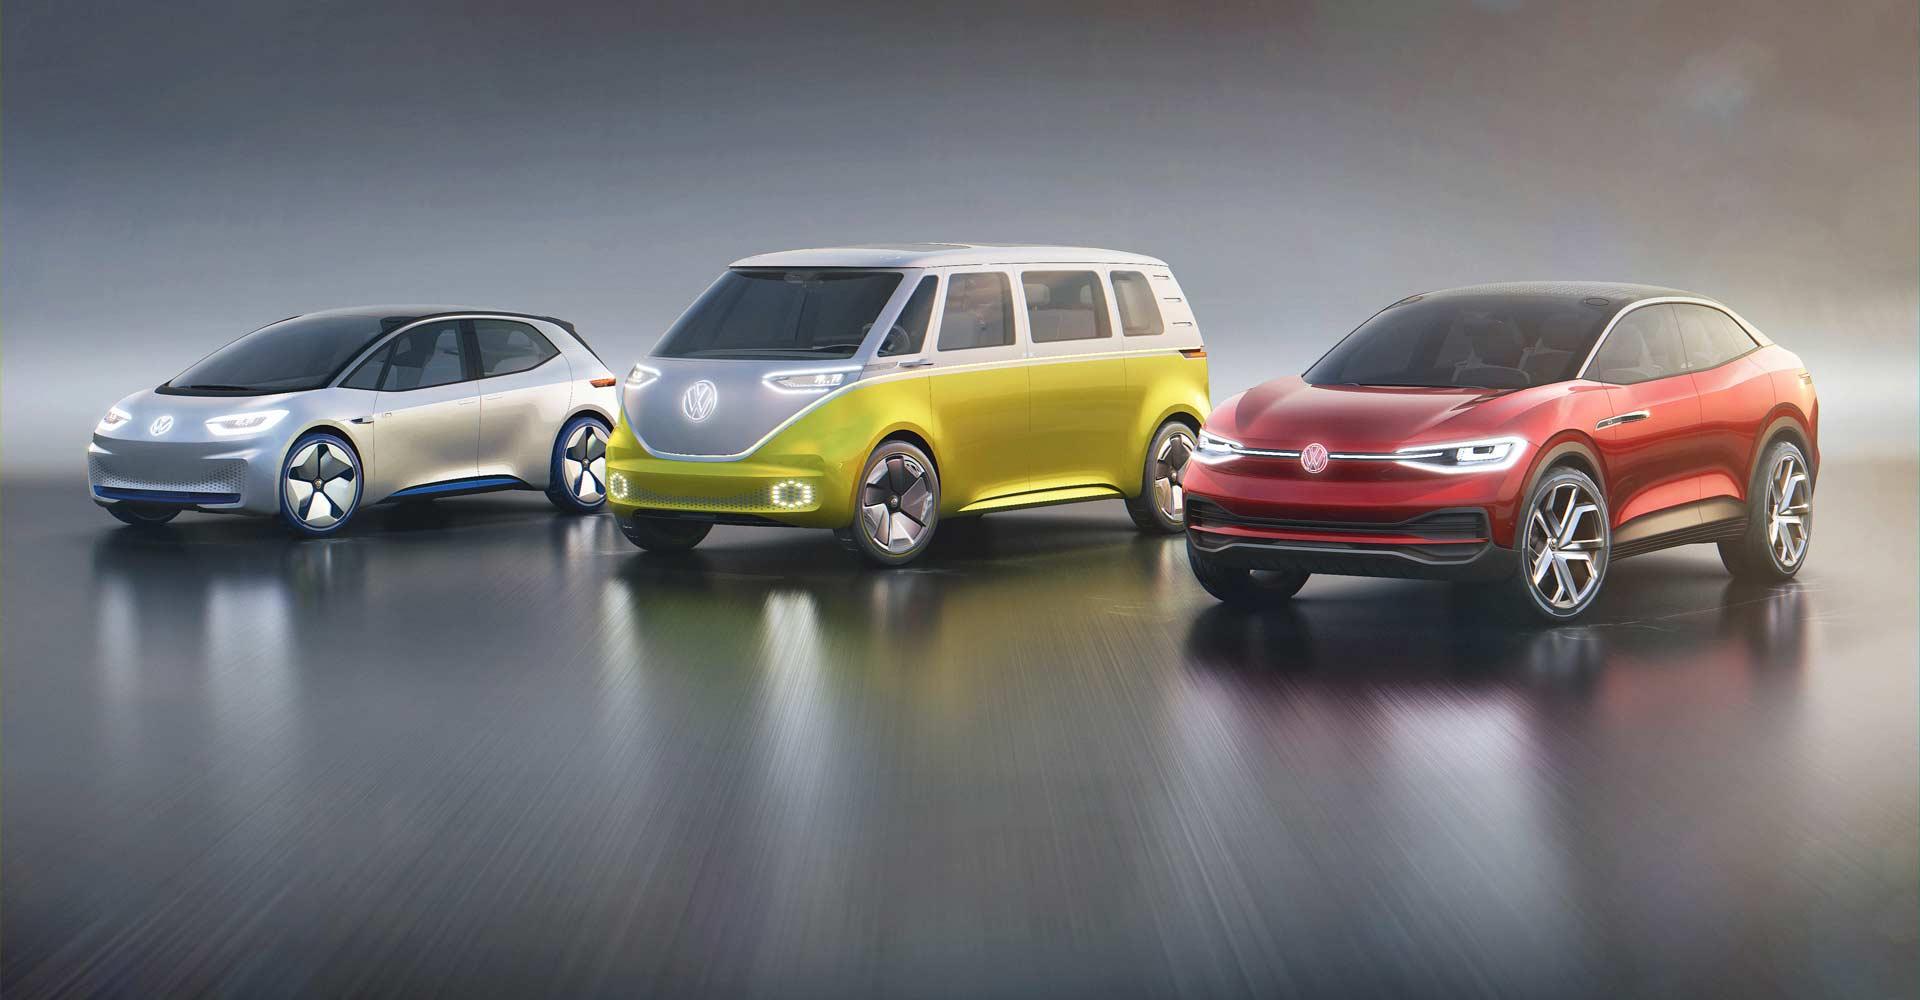 """Prvi """"električni talas"""" Volkswagena dolazi u vidu 10 miliona automobila"""